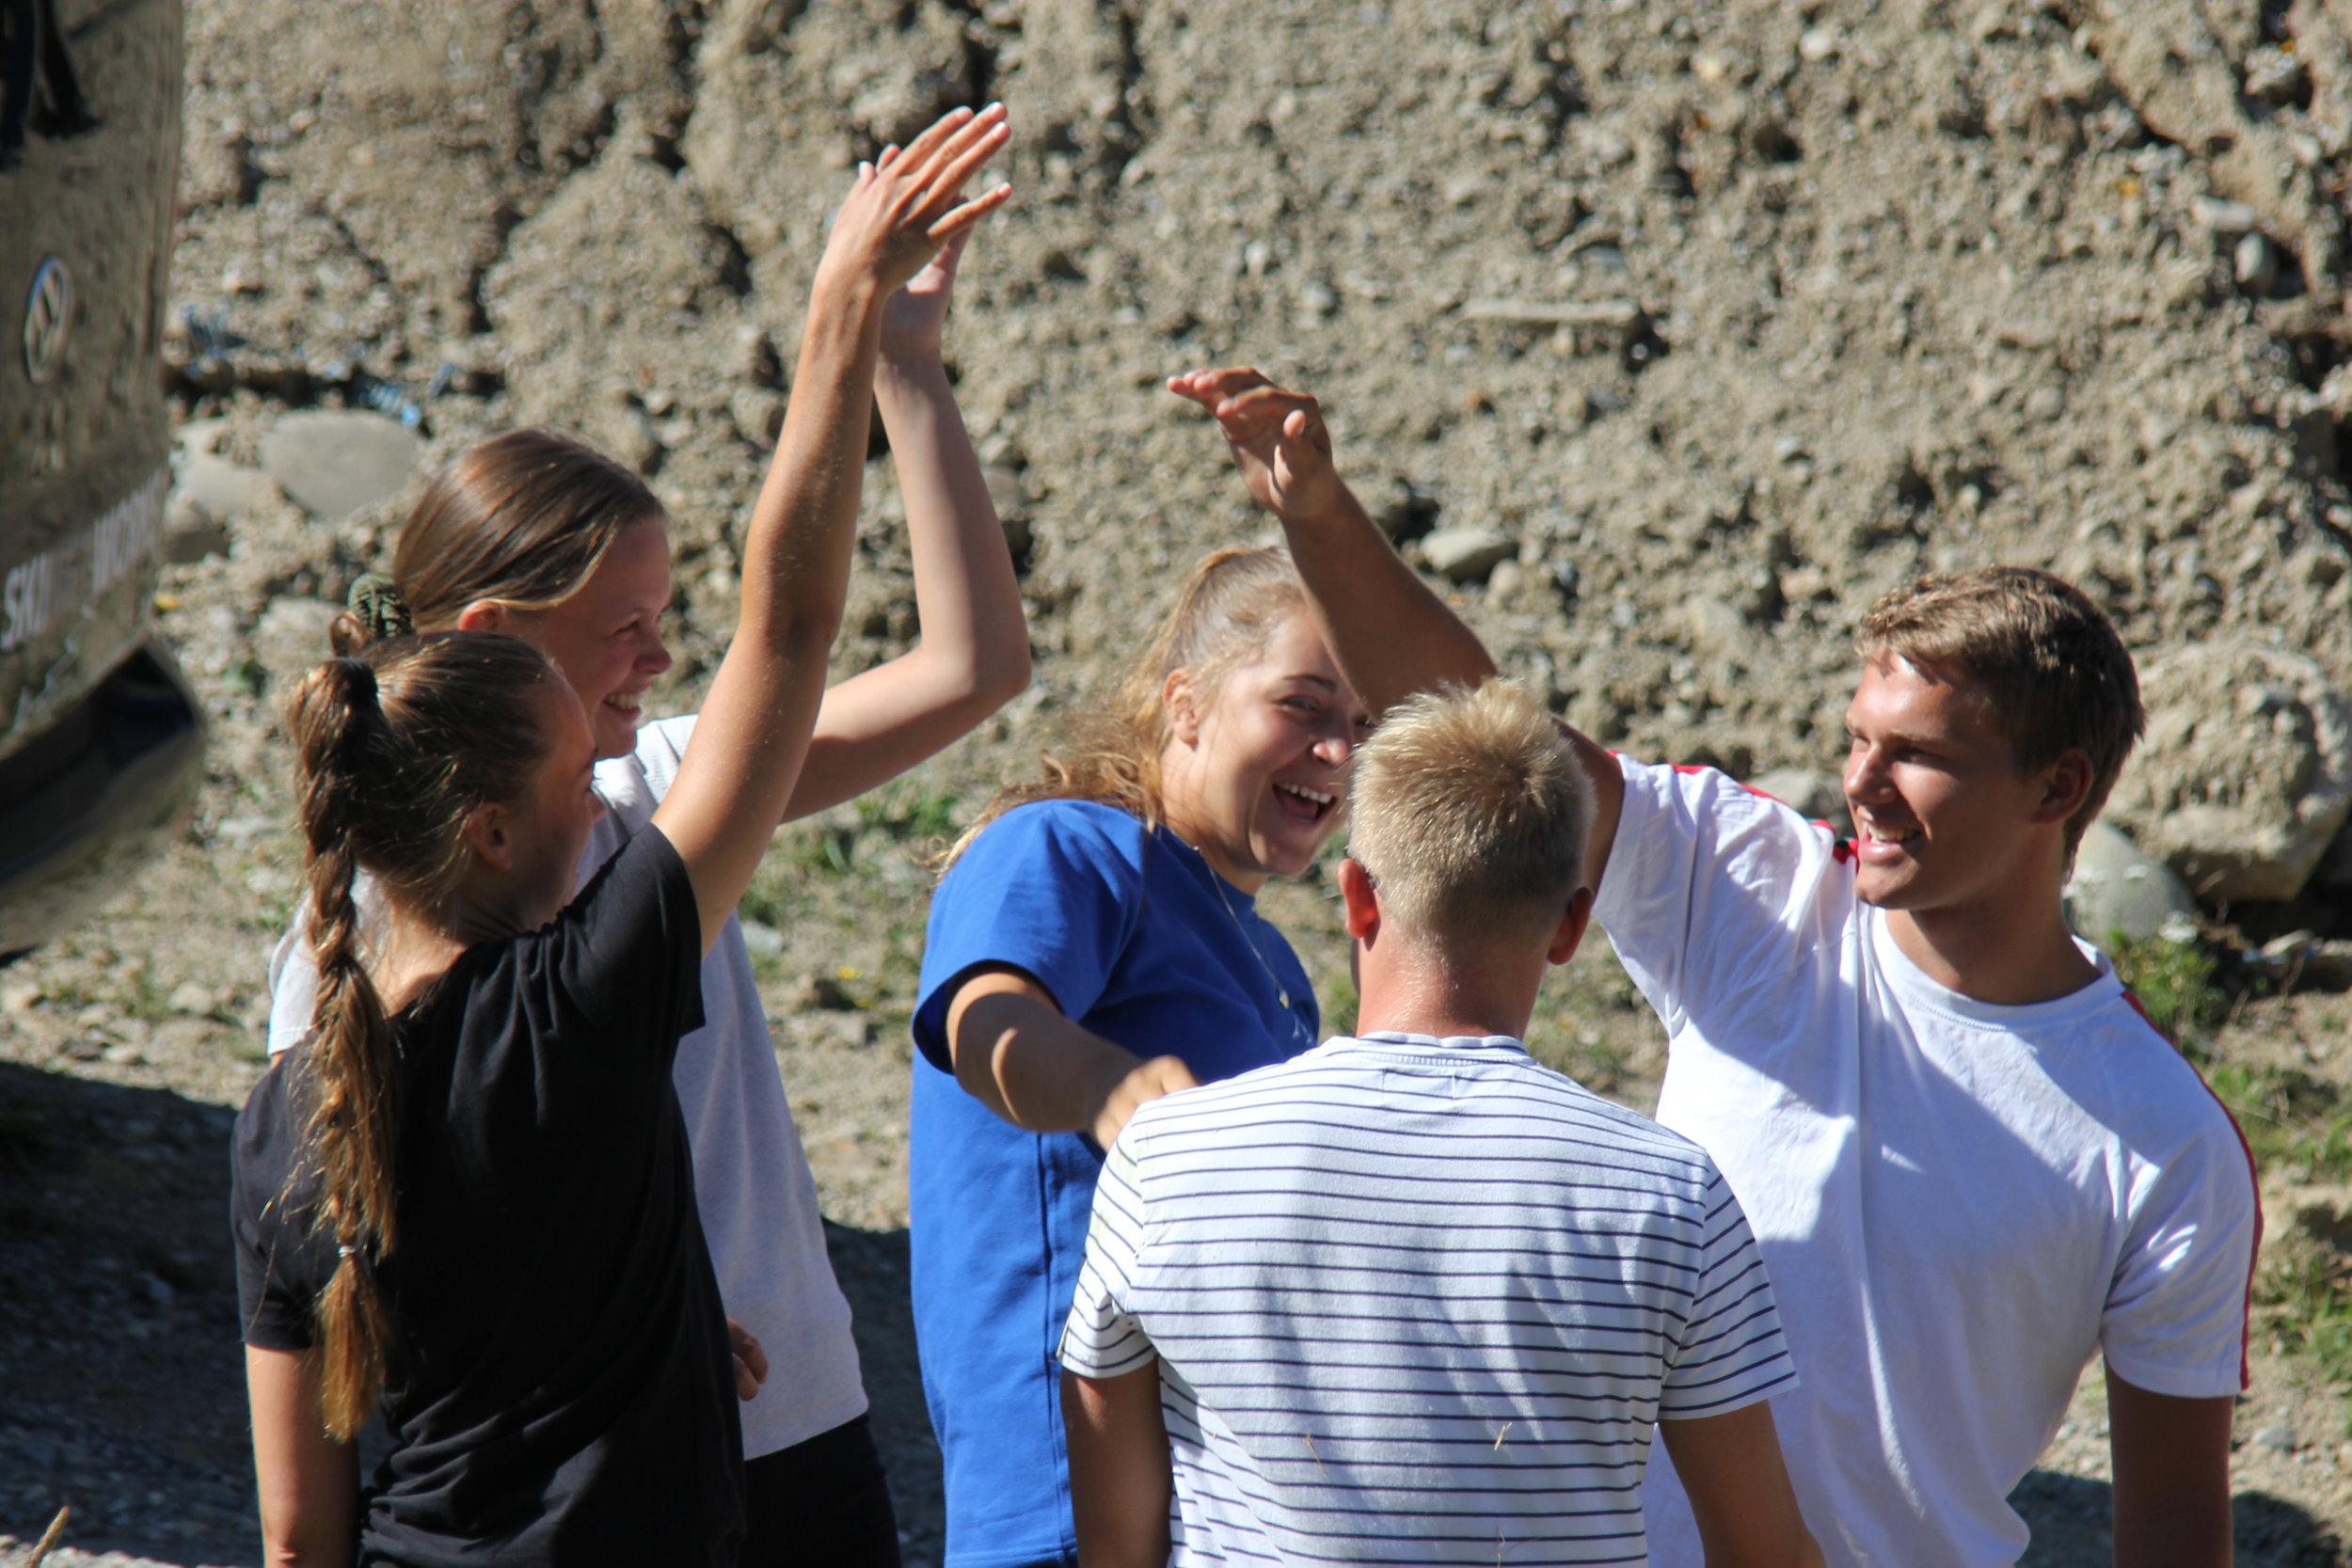 Højskoleophold i sommerferien | 1 måned i Alperne med Yoga & Selvudvikling, Service Management eller Adventuresport - Vi leger os til læring!